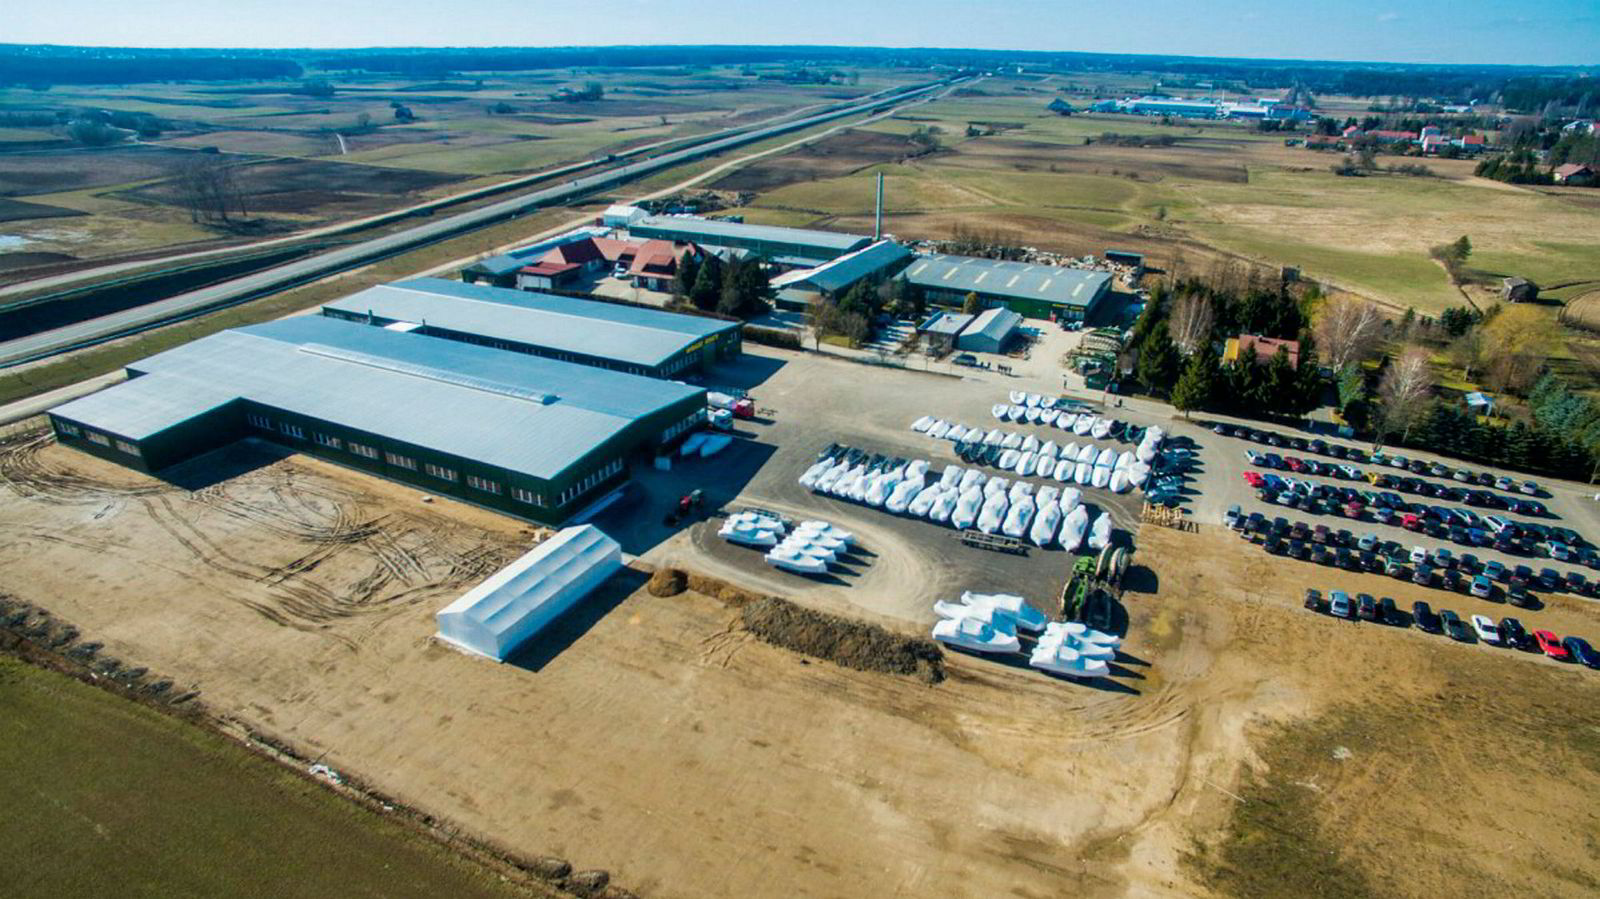 Halvparten av båtfabrikken Mirage i Polen, som produserer Nordkapp-båtene, inngår i Frydenbøs oppkjøp.